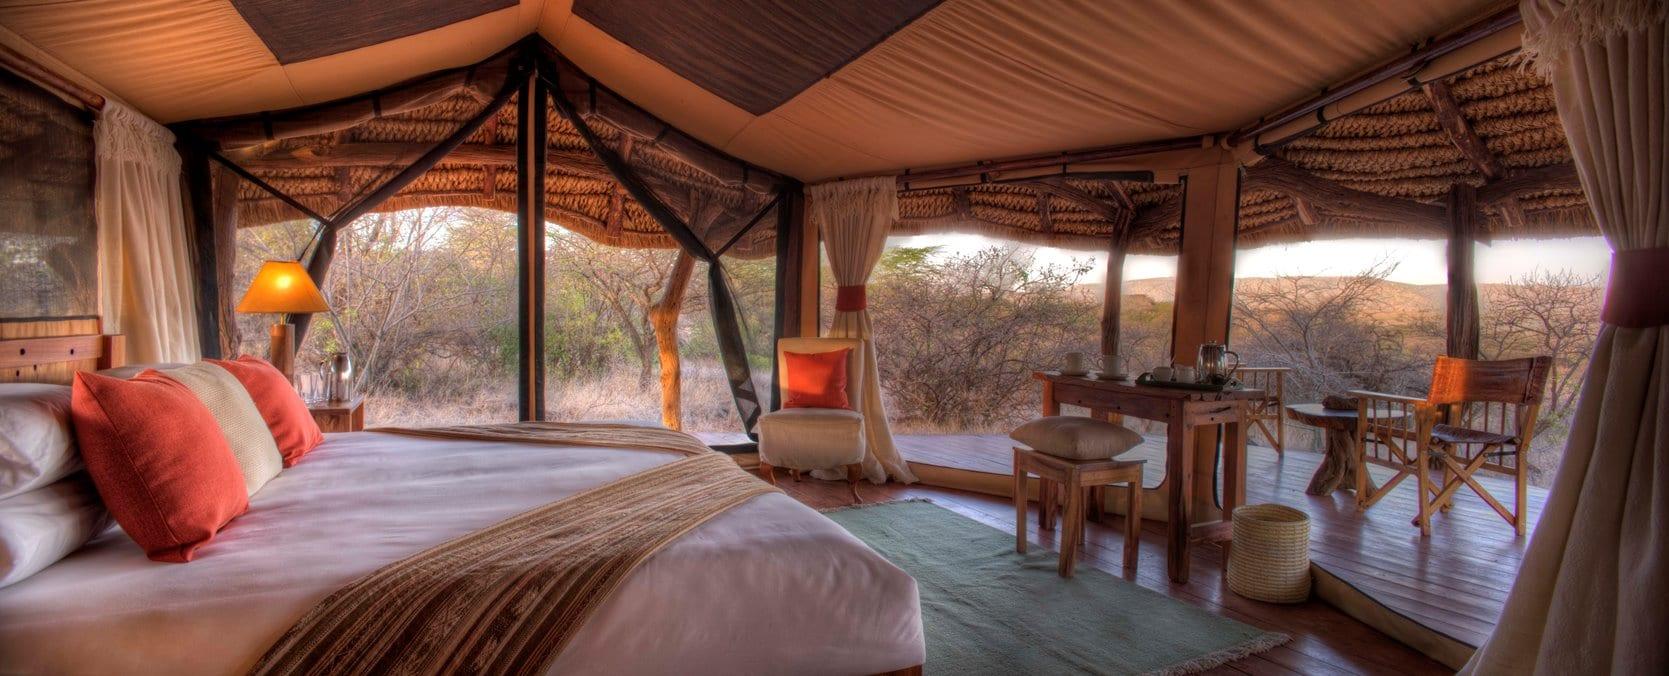 Elewana Lewa Safari Camp Double Tent 1